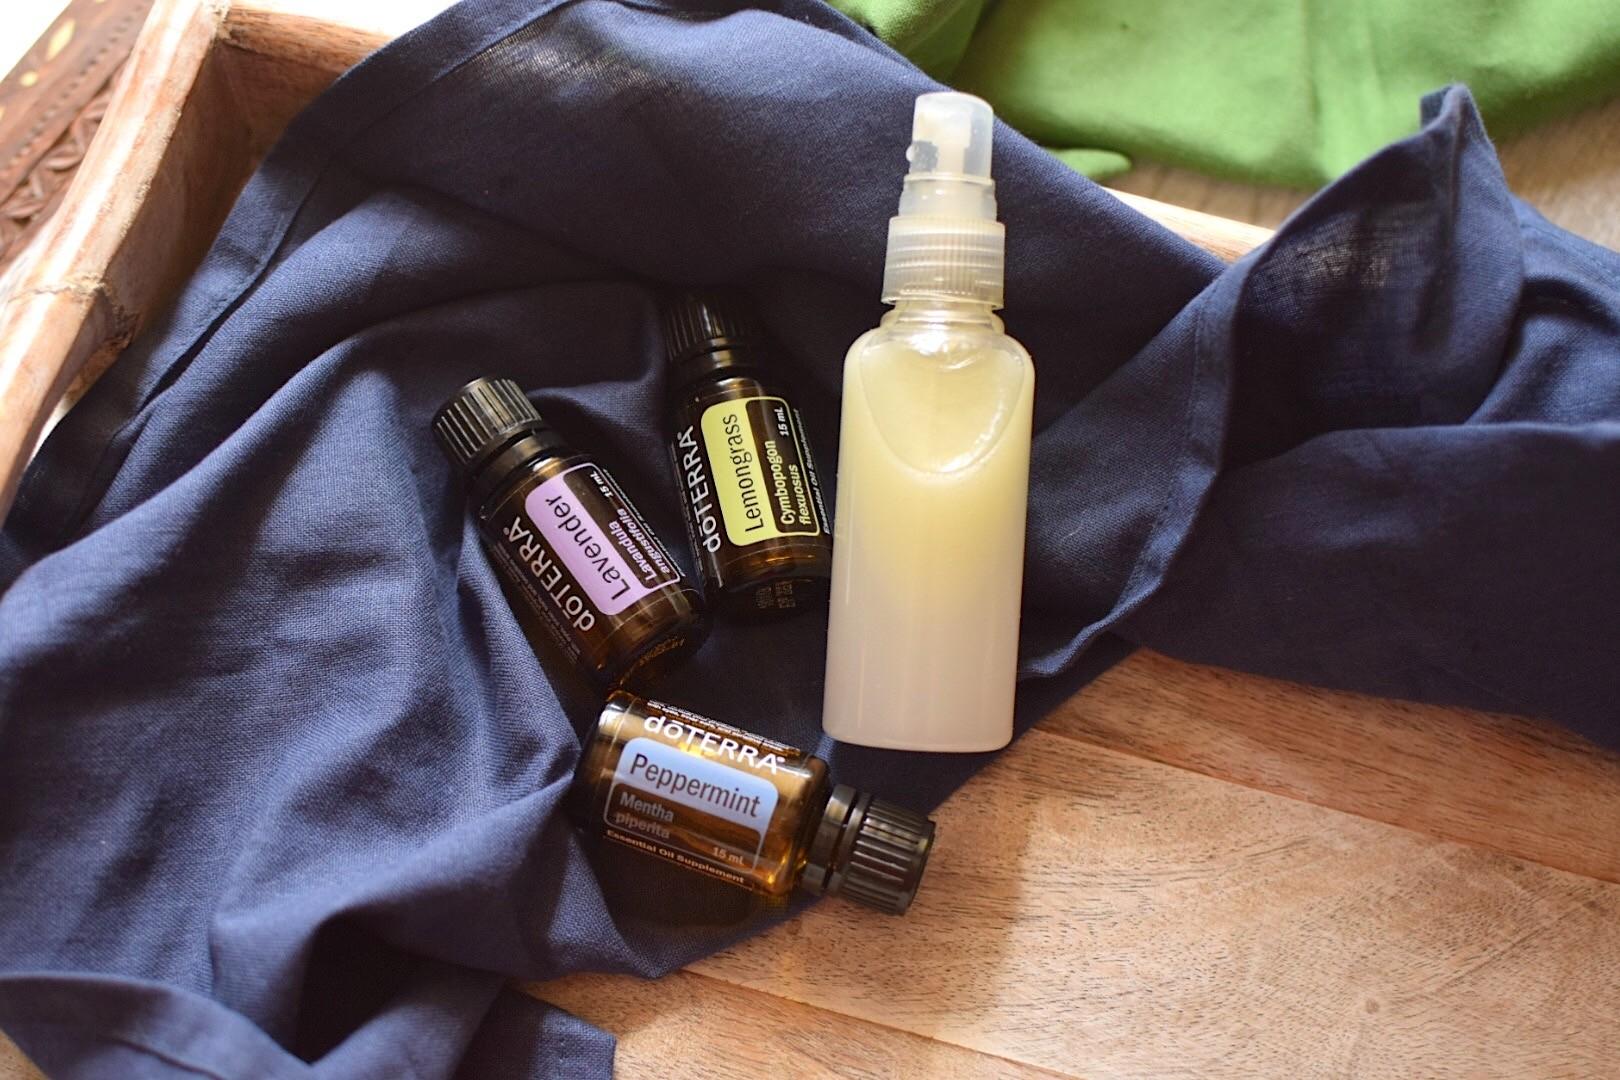 DIY Non-Toxic Bug Spray